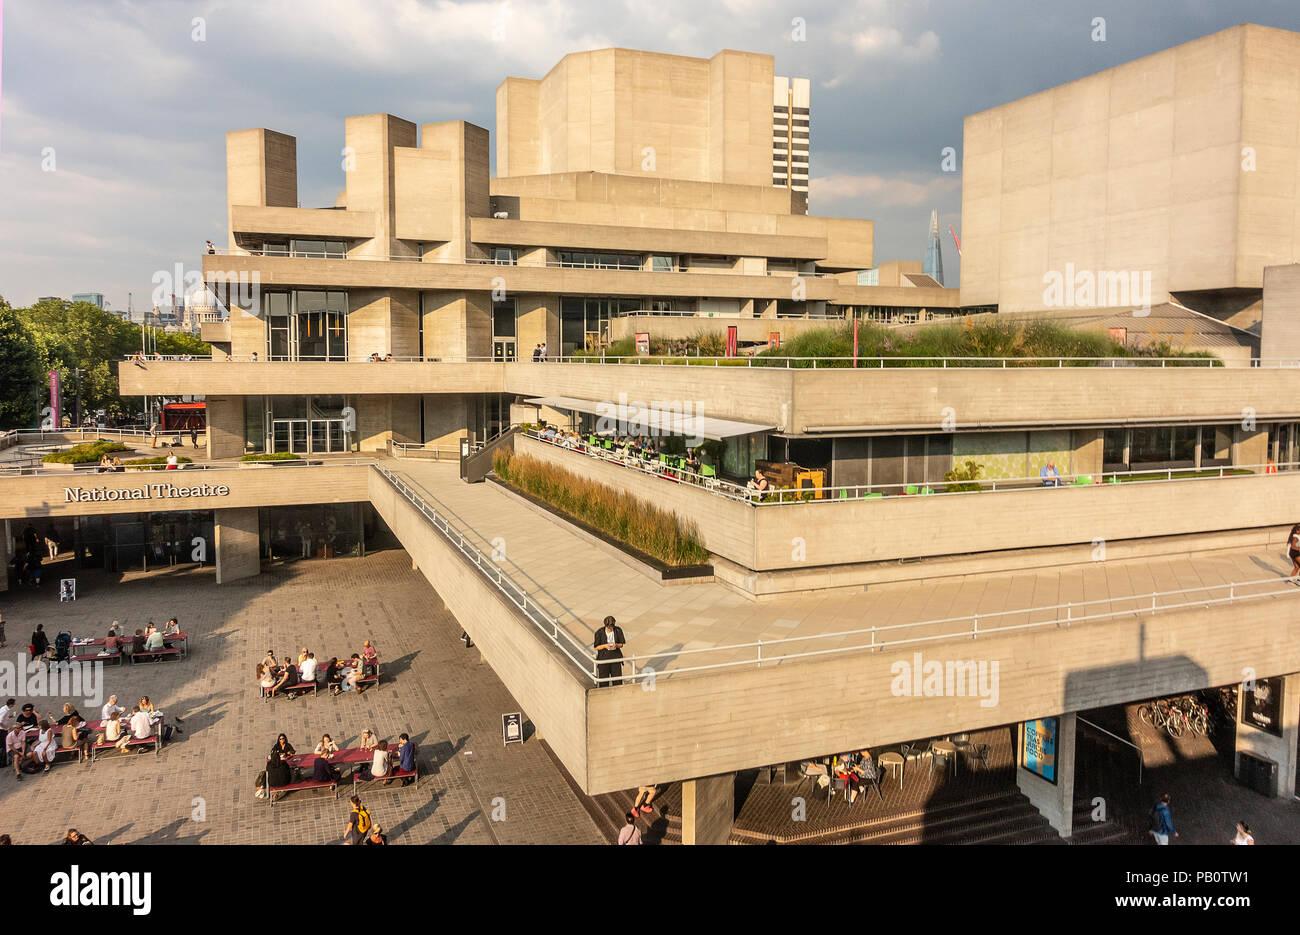 Touristen und Einheimische genießen Sie einen heißen Juli Abend außerhalb der konkreten Brutalist Architektur des National Theatre in London, Großbritannien Stockbild